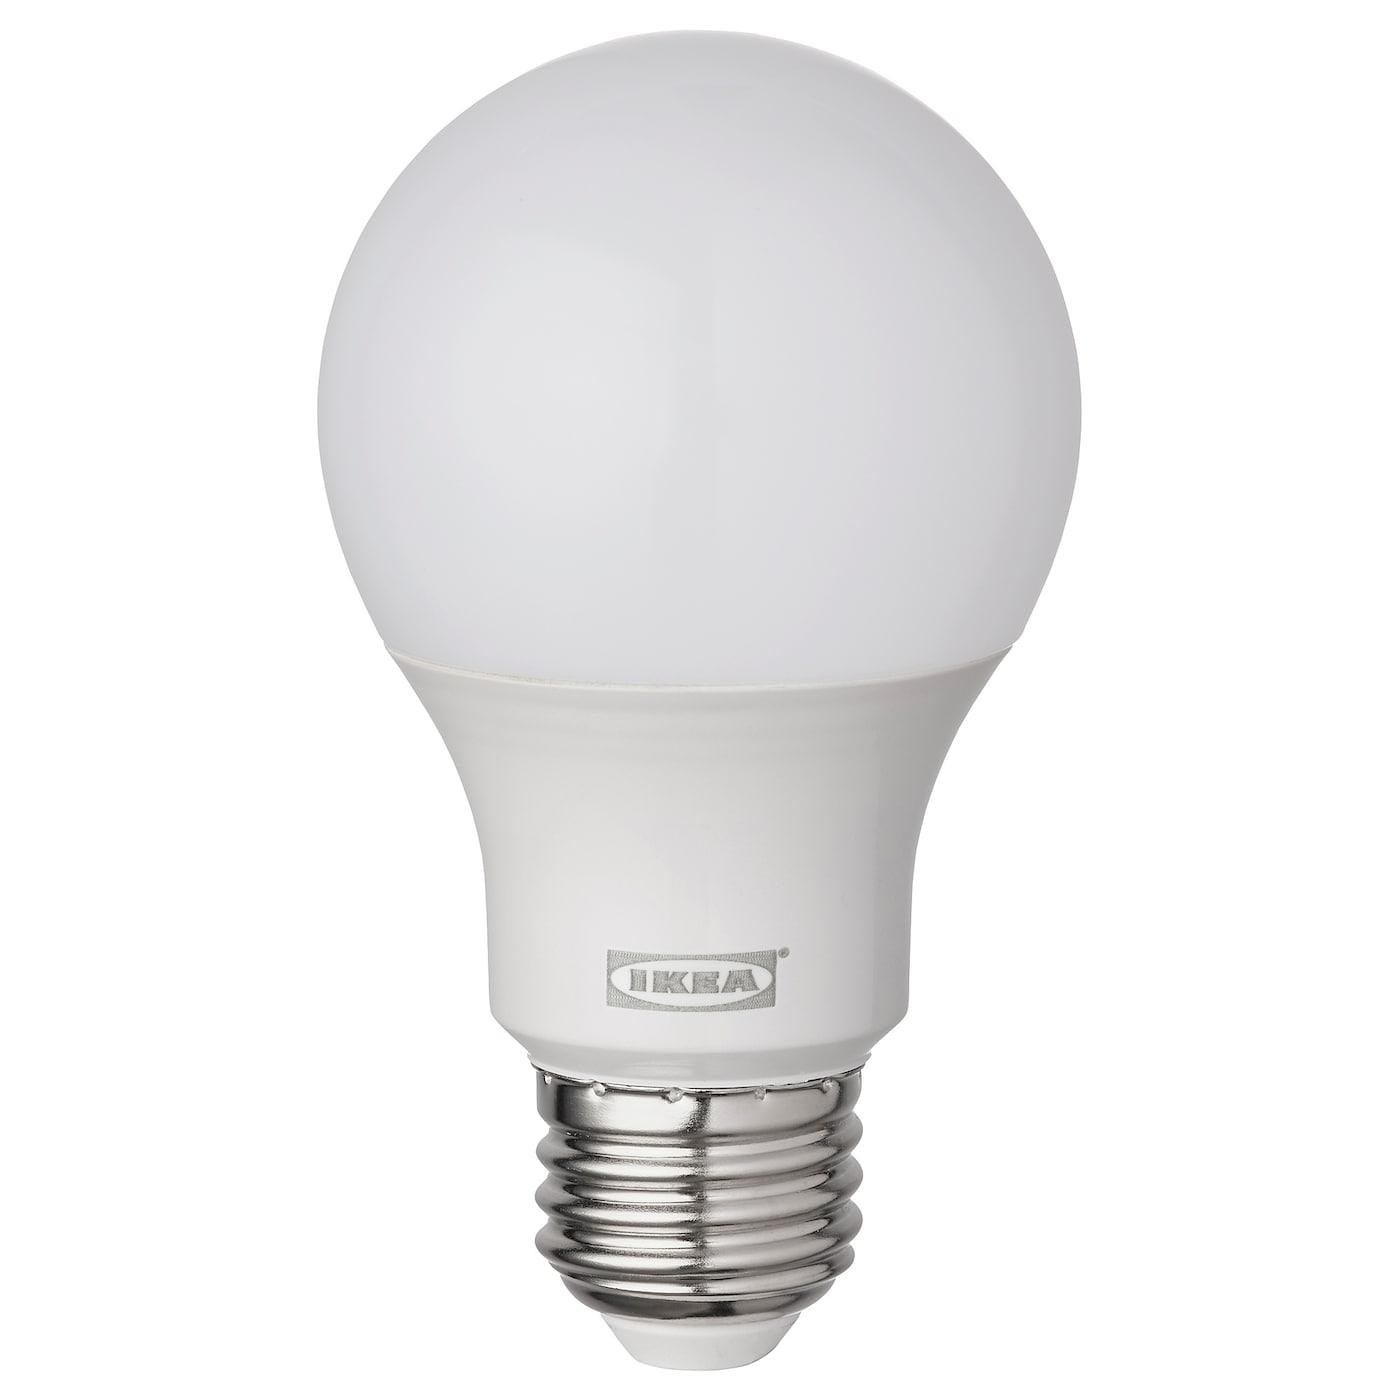 RYET LED bulb E26 470 lumen, globe opal white